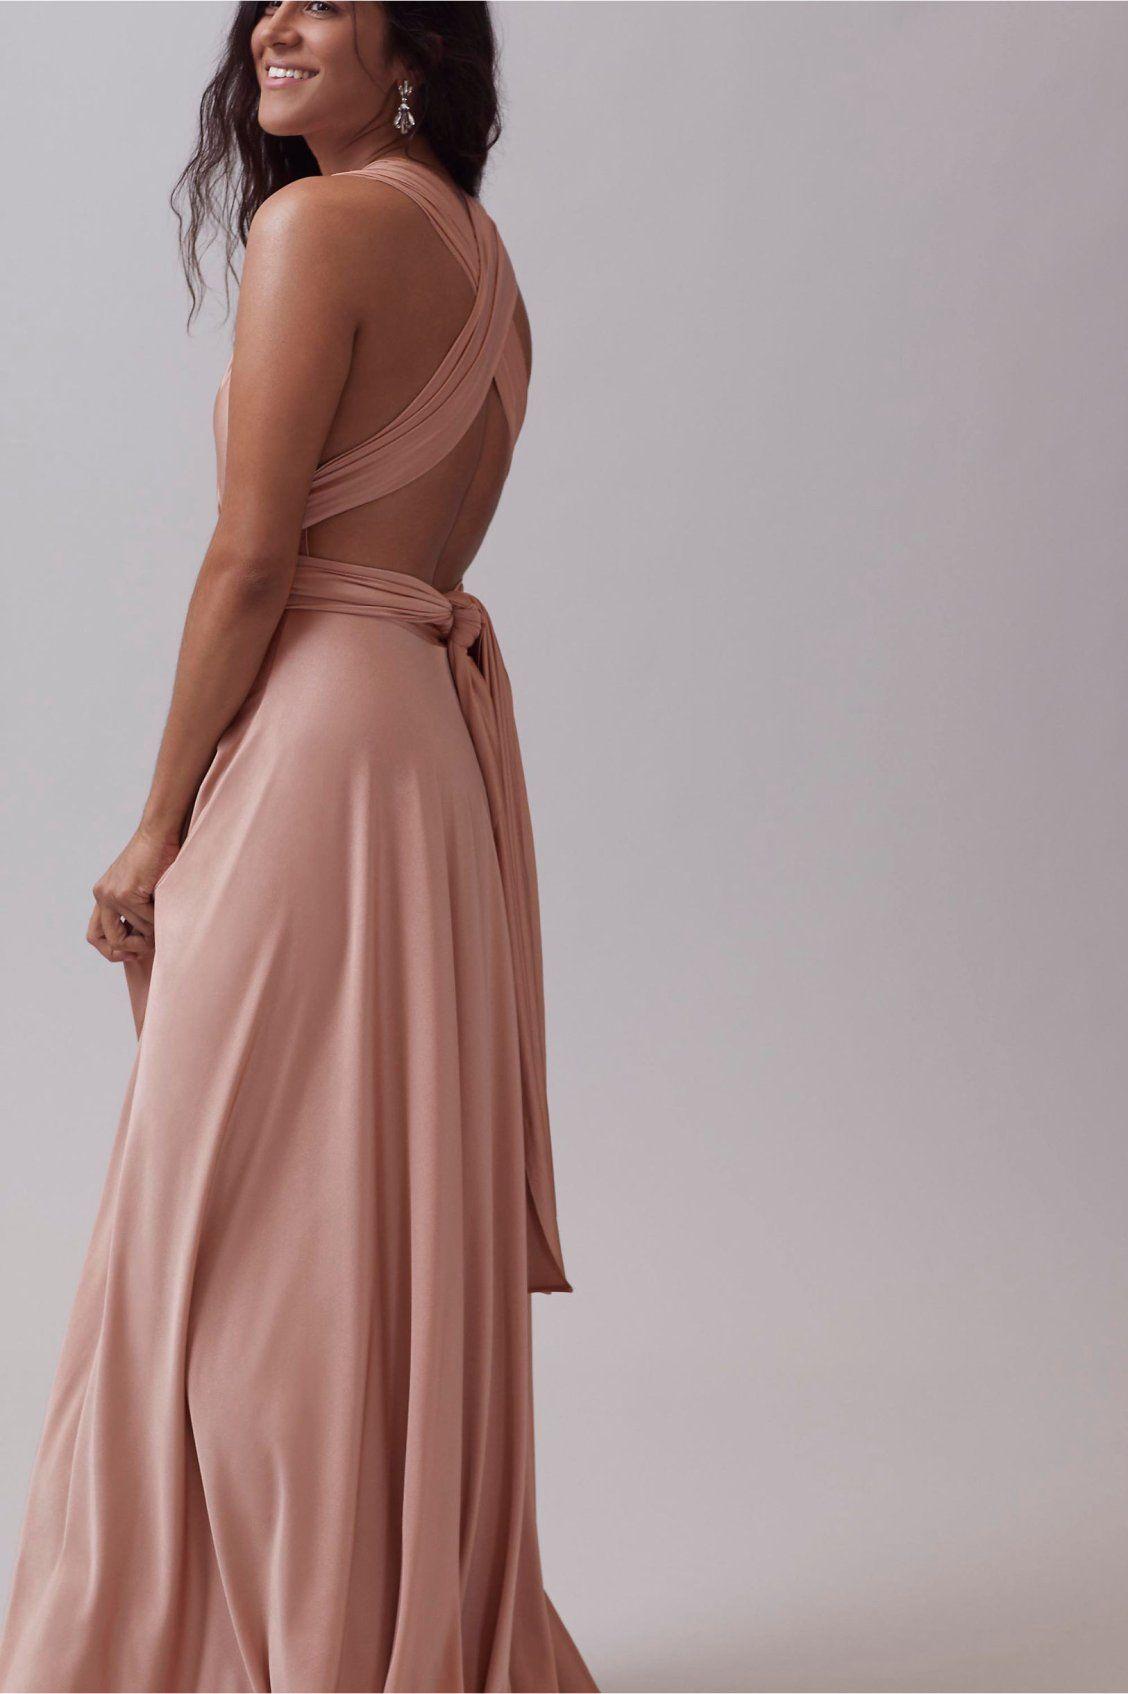 Twobirds Ginger Convertible Maxi Dress Convertible Maxi Convertible Maxi Dress Maxi Dress